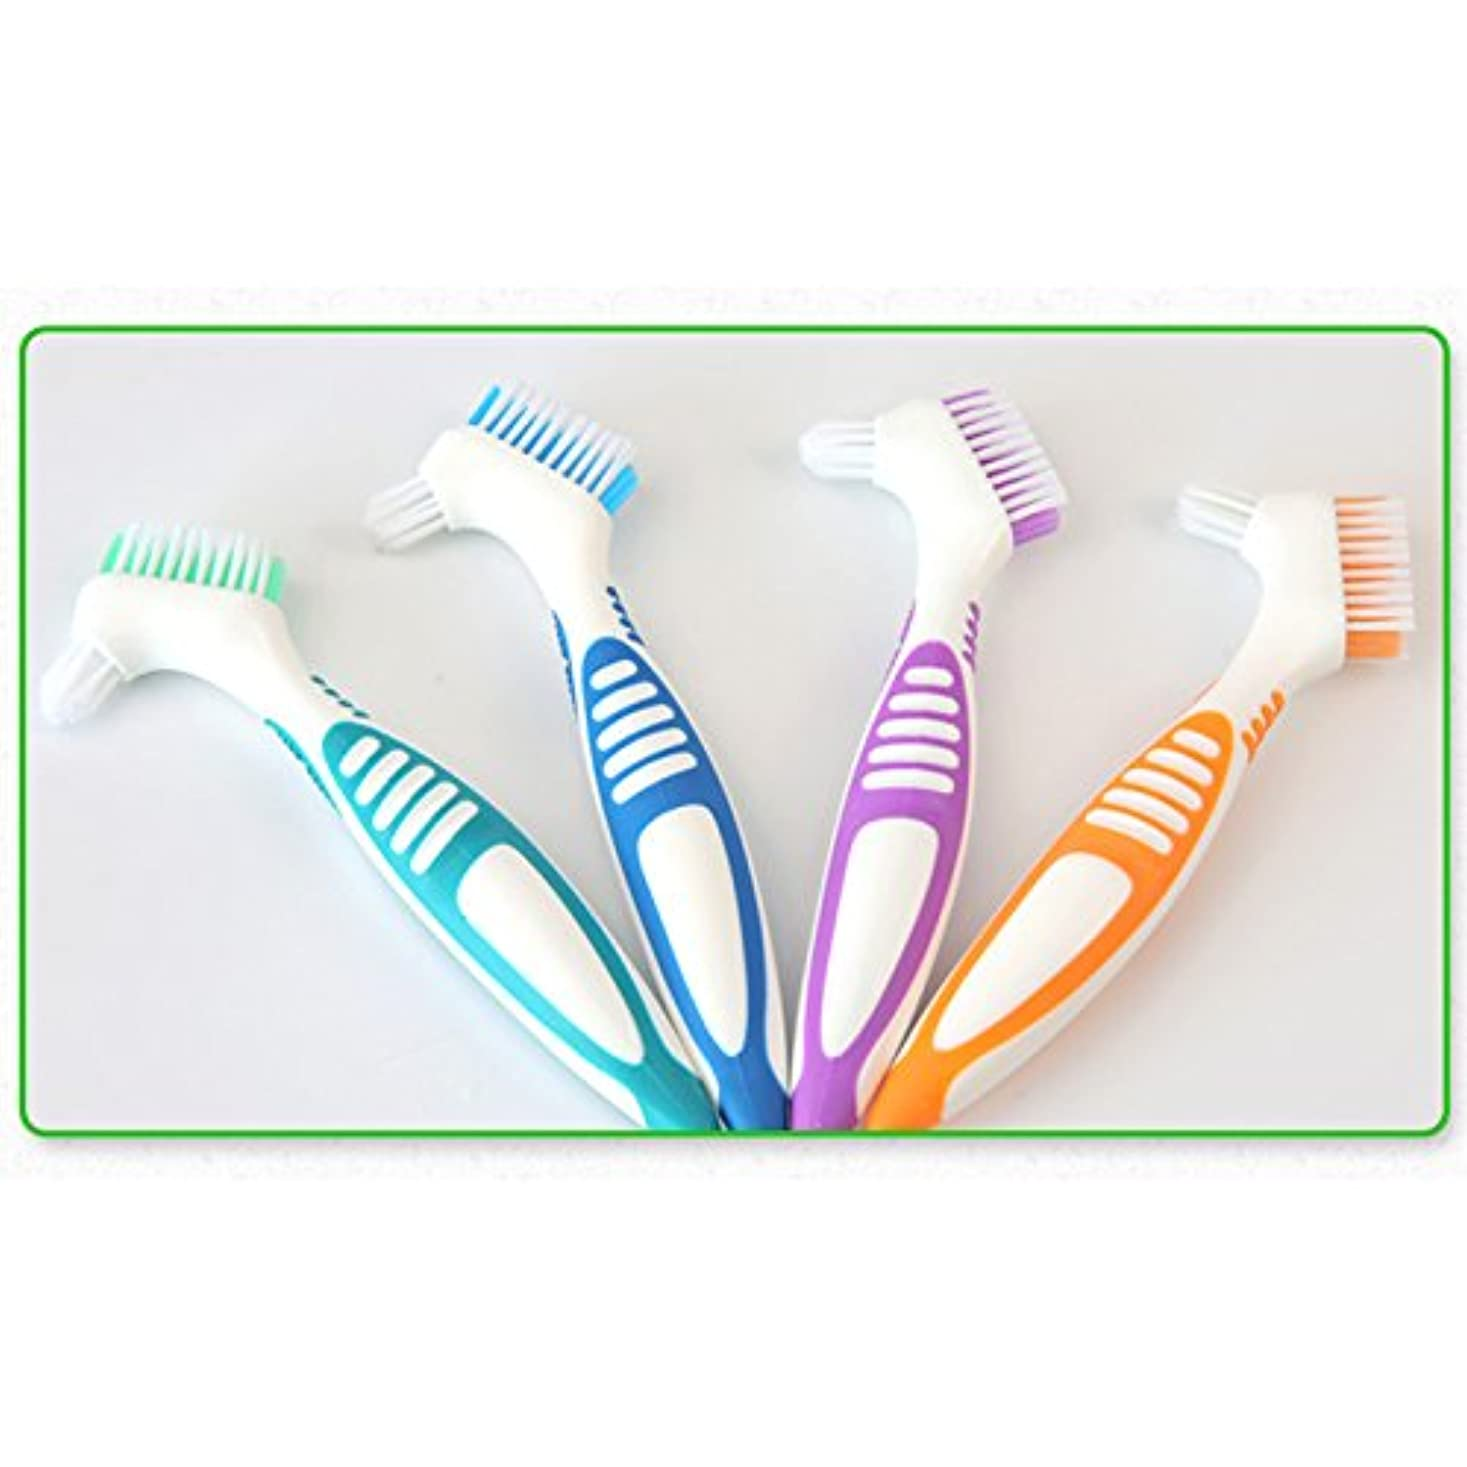 エレガント一貫性のない対話Liebeye 偽歯ブラシ 口腔ケアツール 歯洗浄 ブラシポータブル 多層ブリストル ブルー